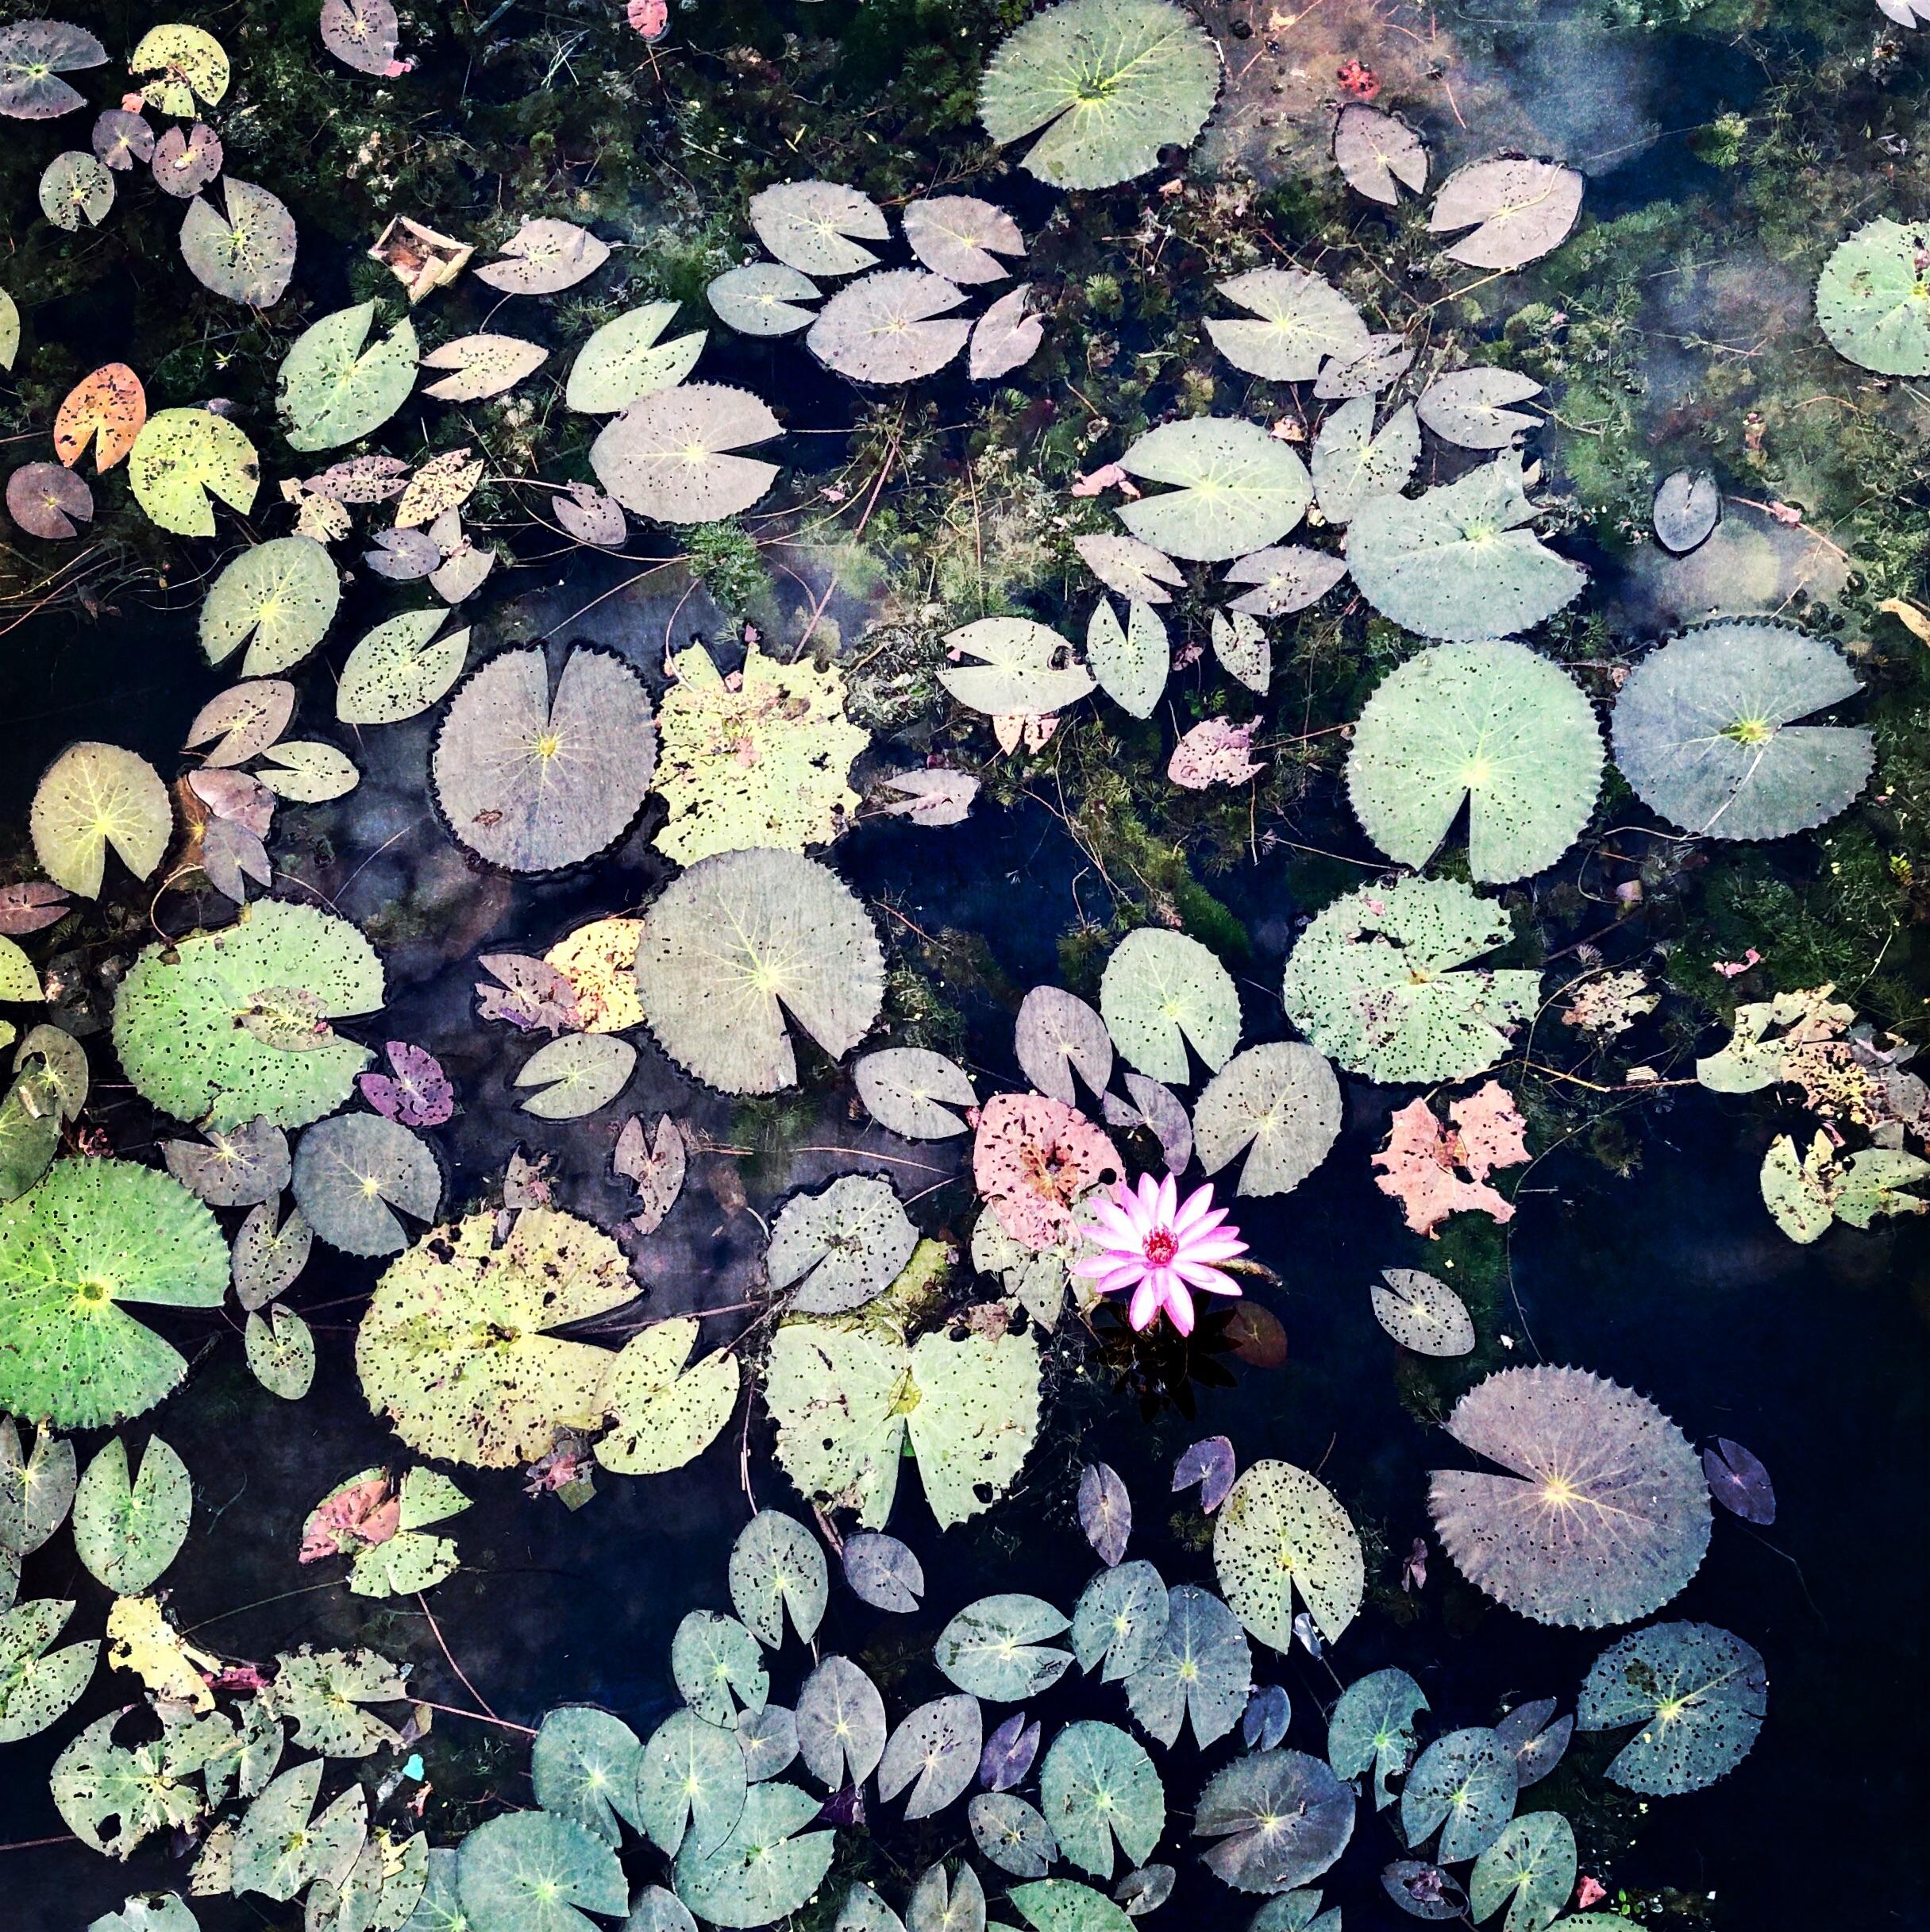 'Waterlillies'